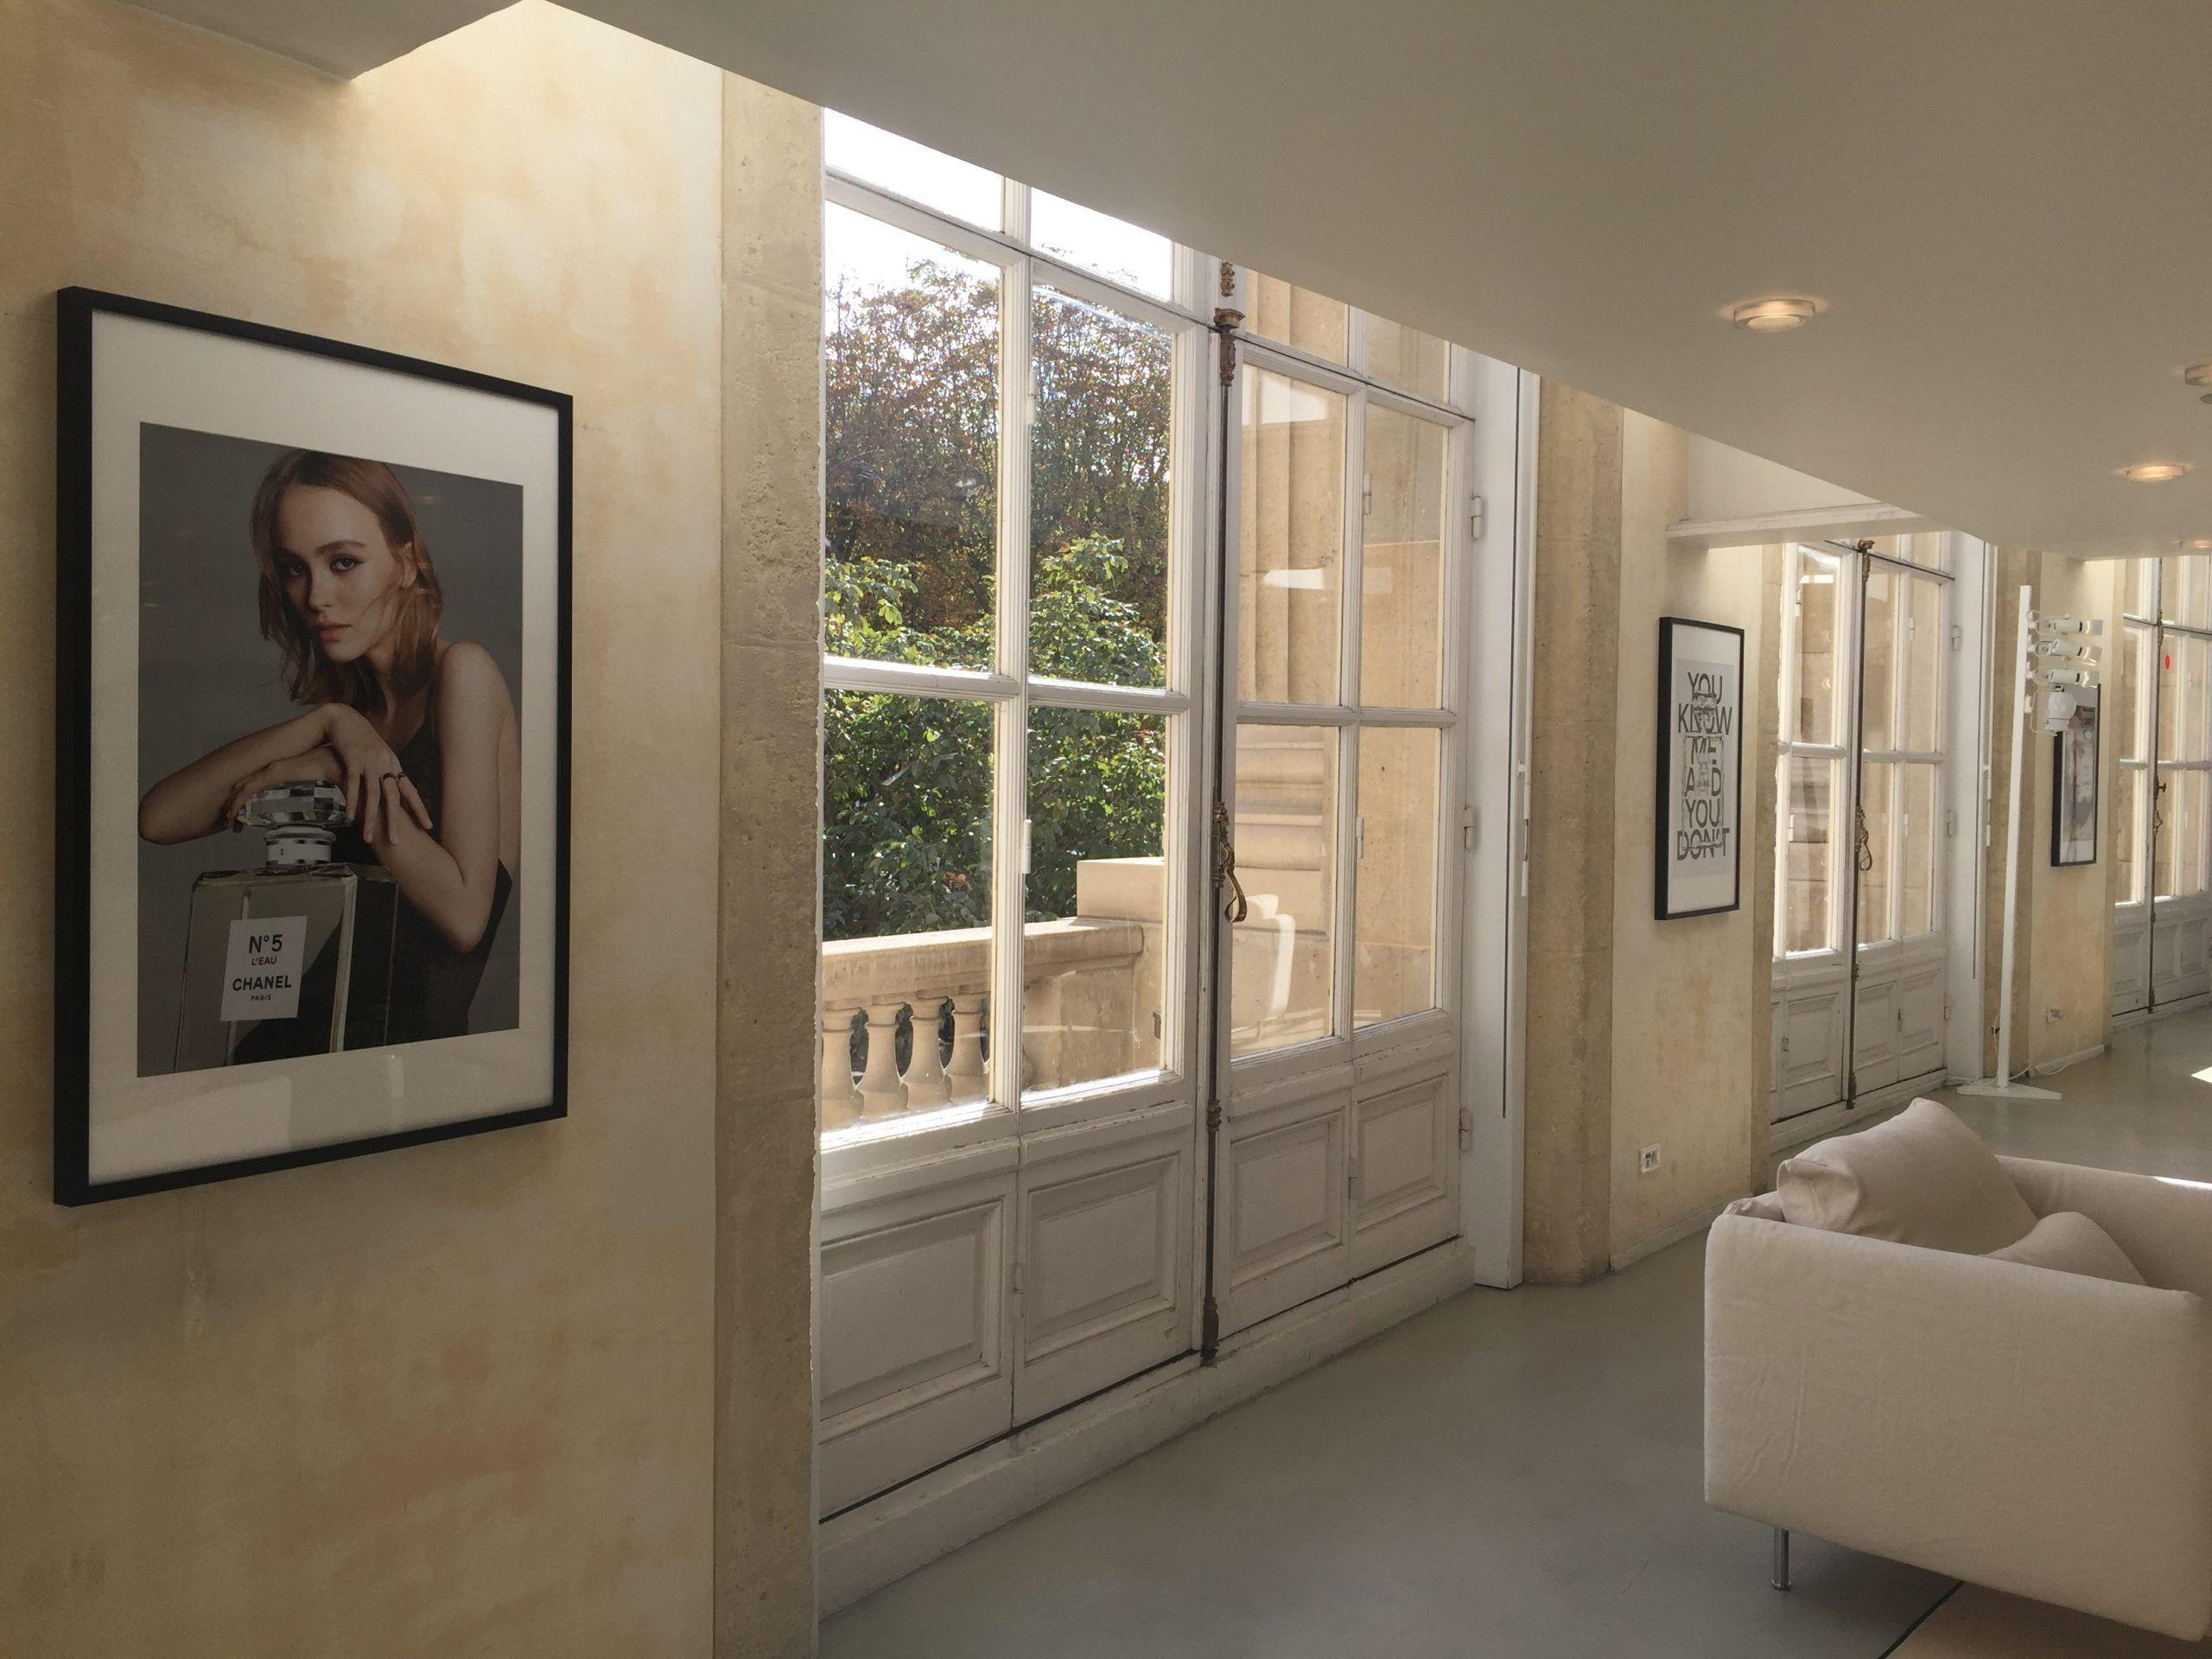 Évènement: Chanel